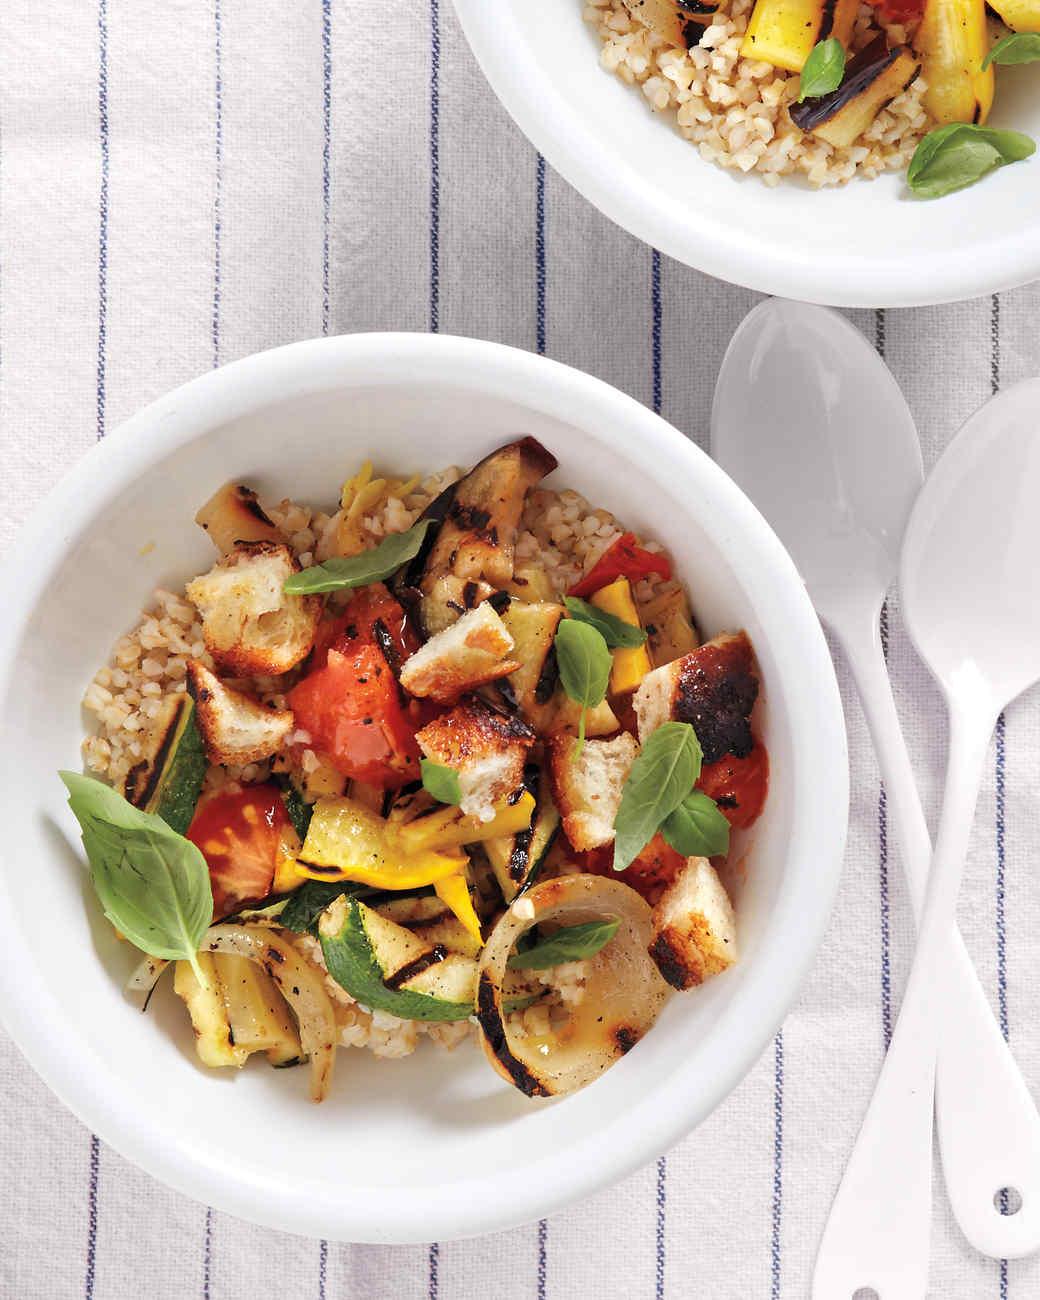 grilled-summer-vegetables-plated-0485-d111118.jpg